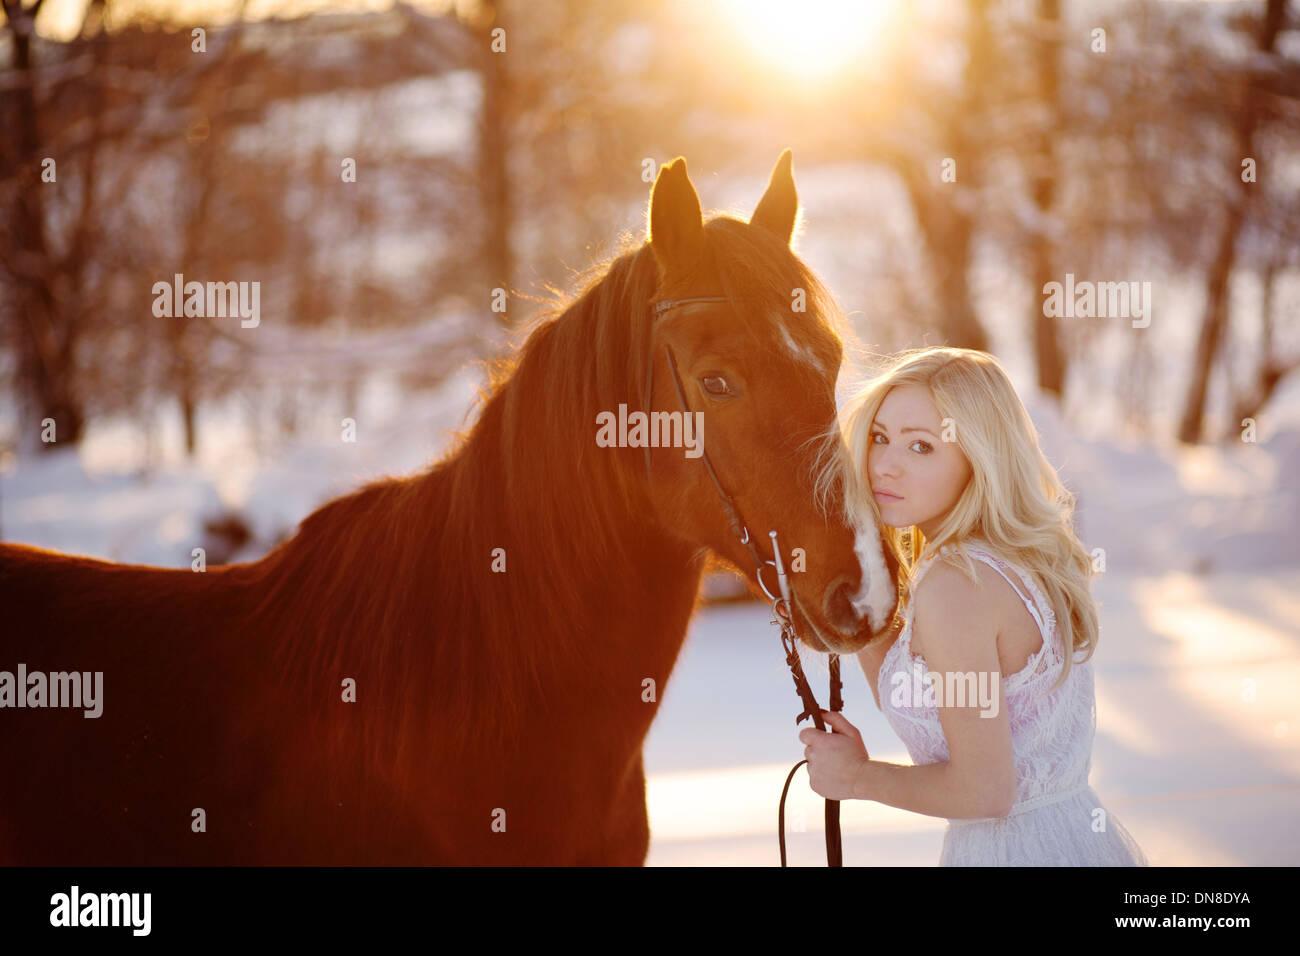 Jeune femme en robe blanche à cheval en hiver Photo Stock